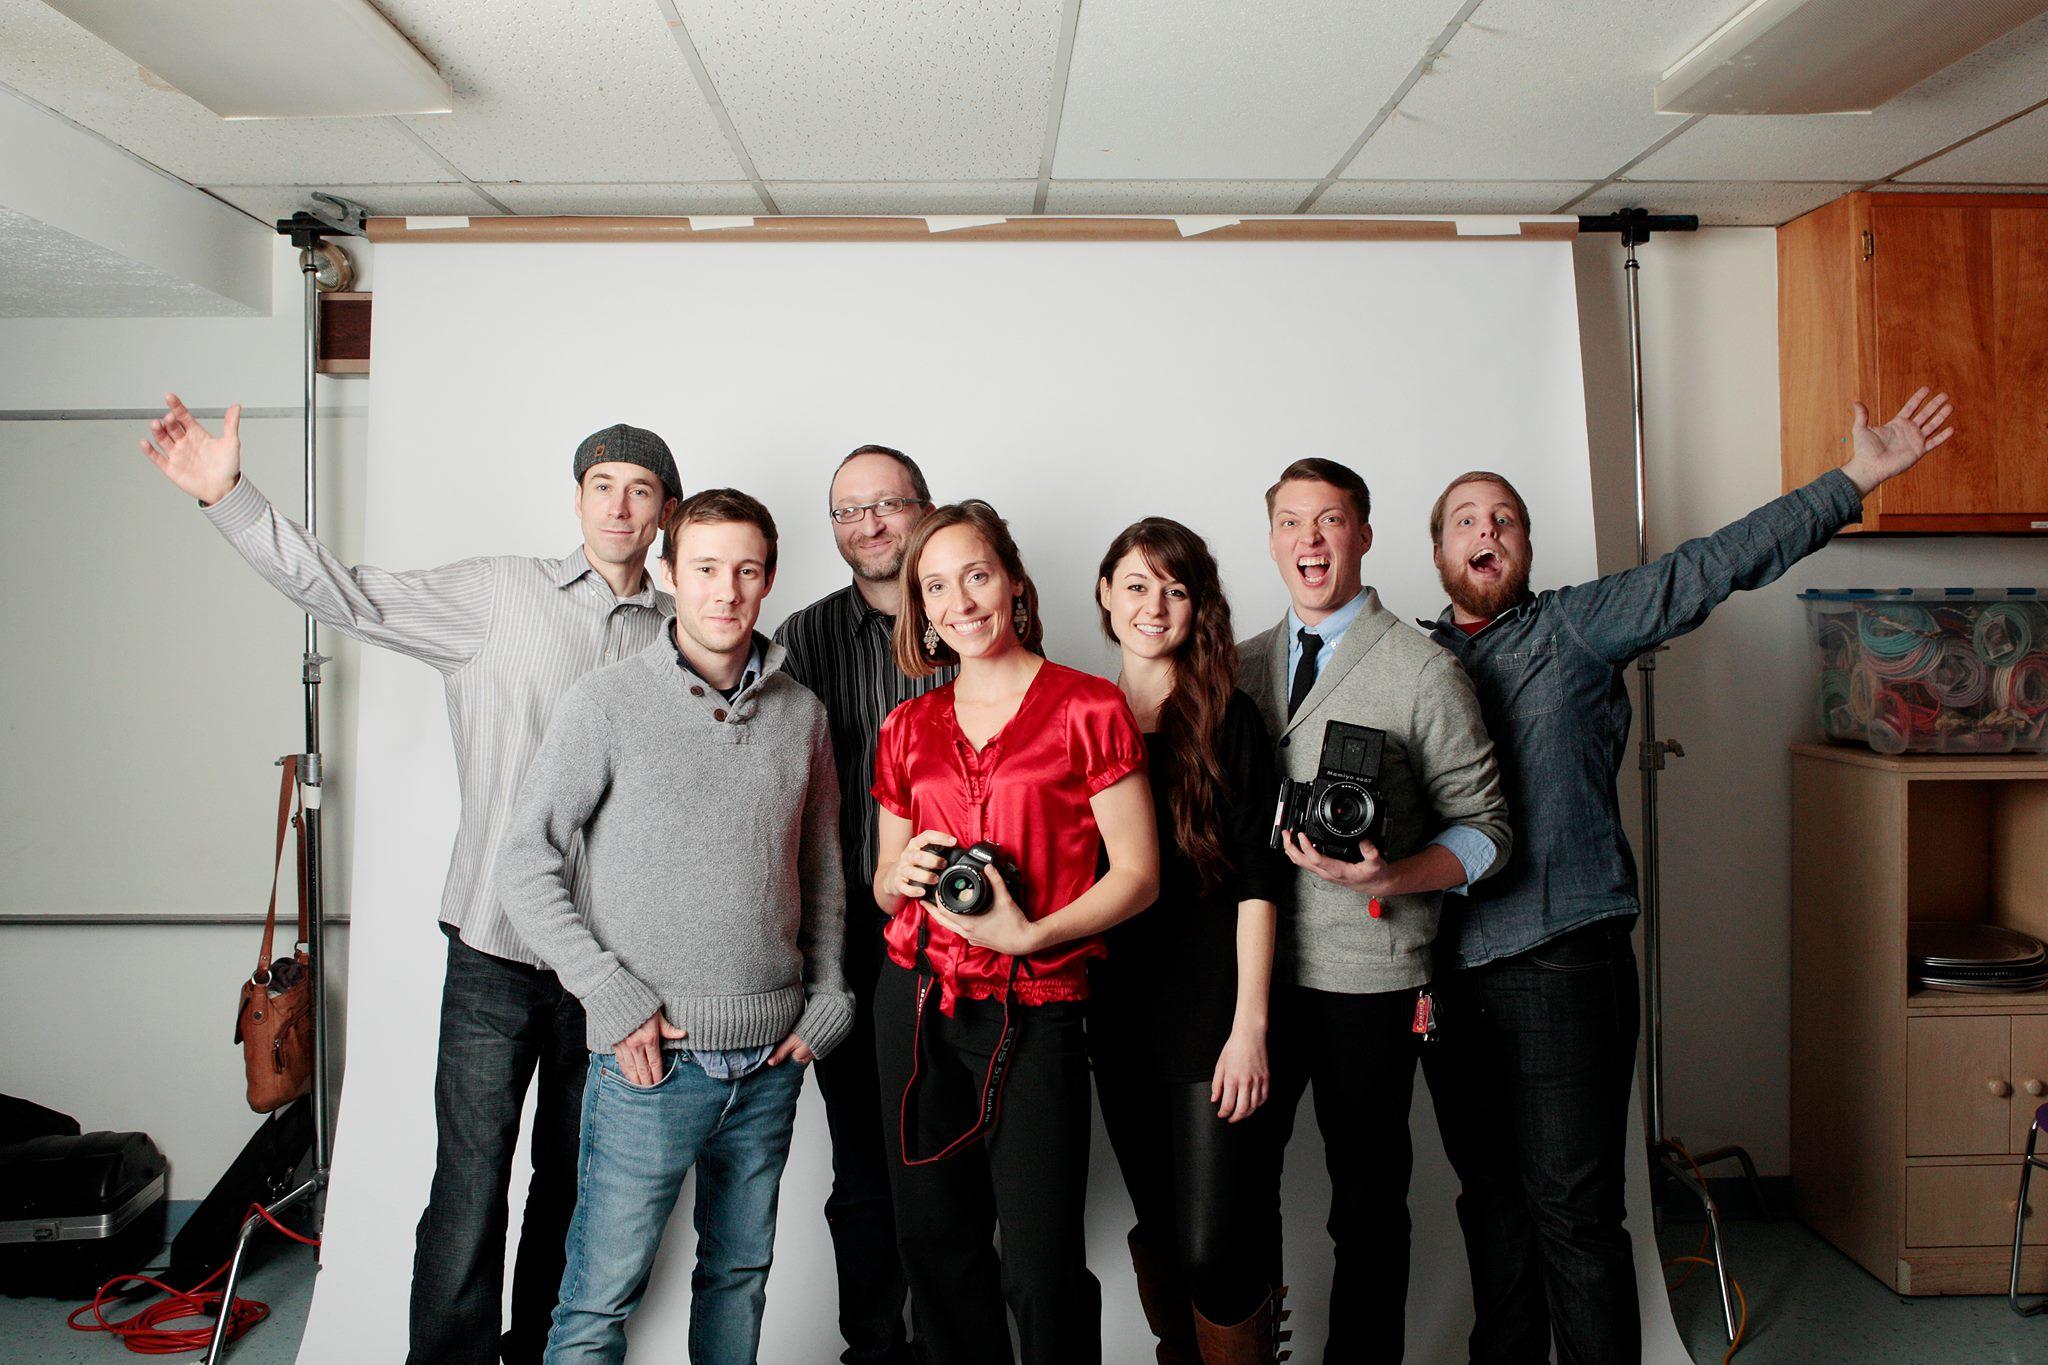 Kevin, Kris, Dmitriy, Pam, Rachel, Cory, me.